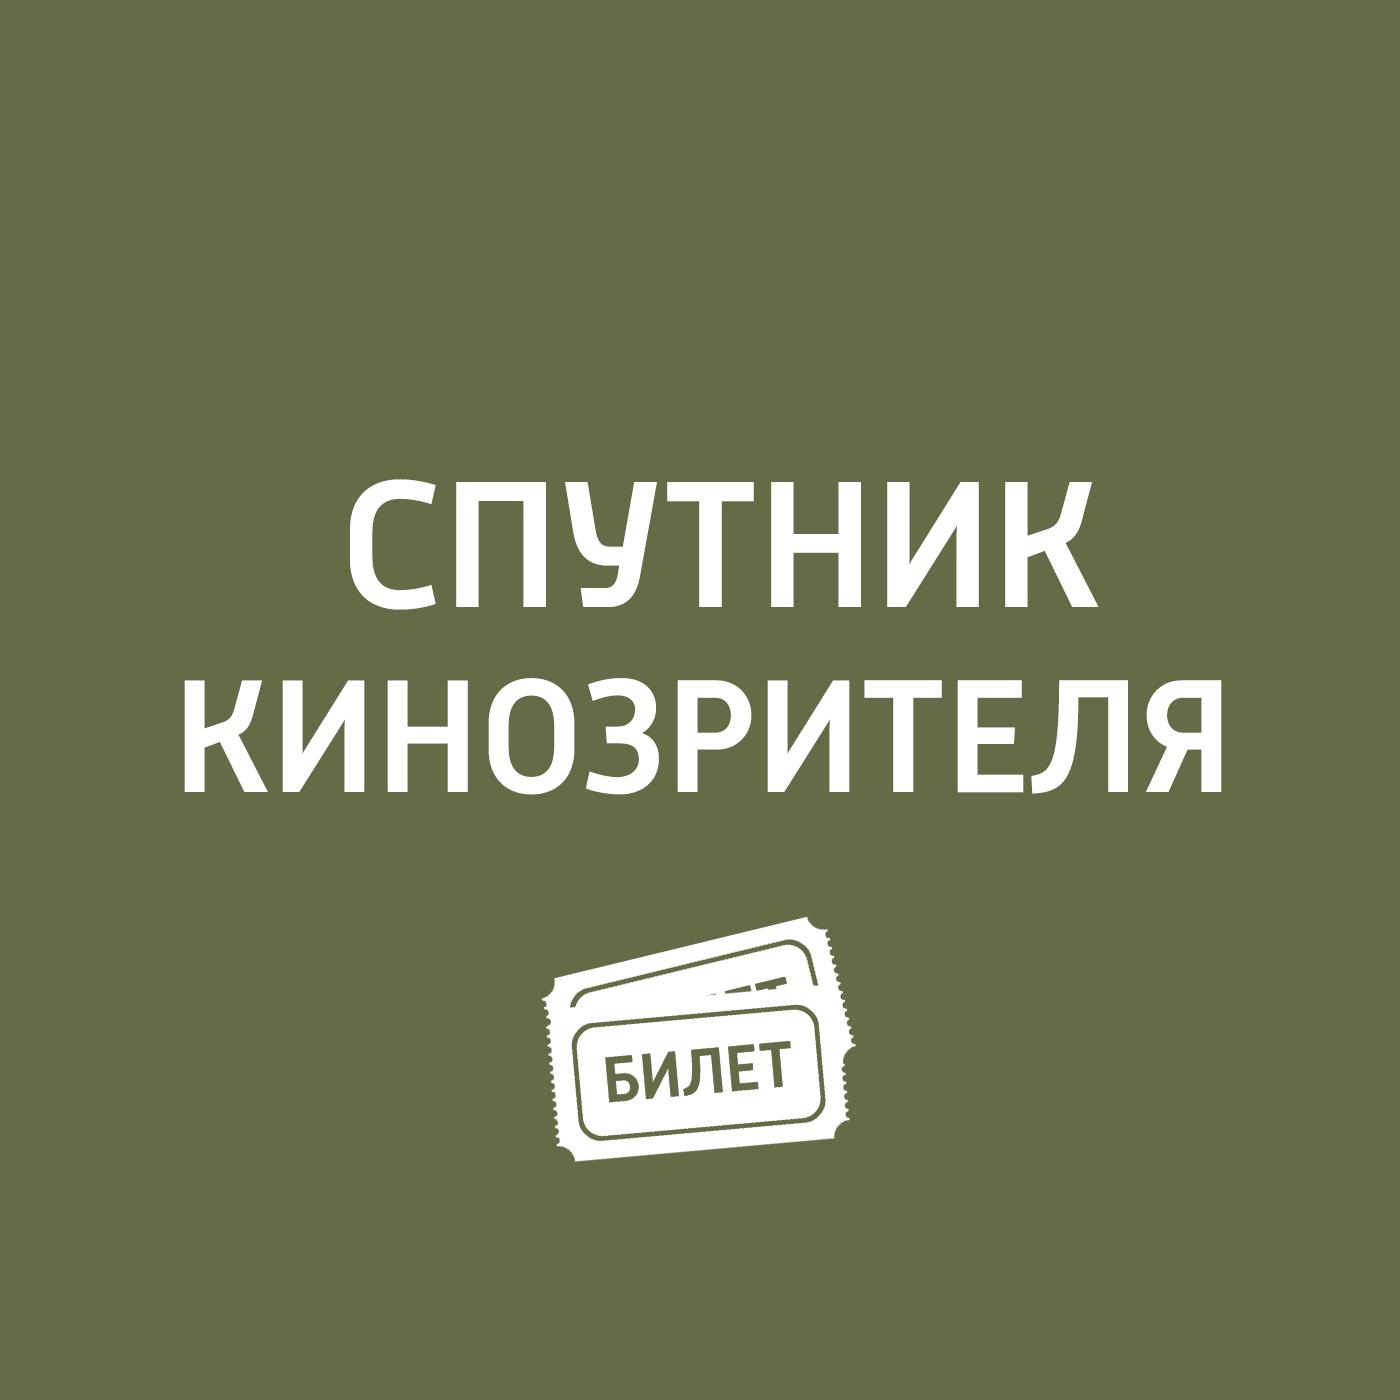 цена на Антон Долин Премьеры. «Притяжение»; «Молчание»